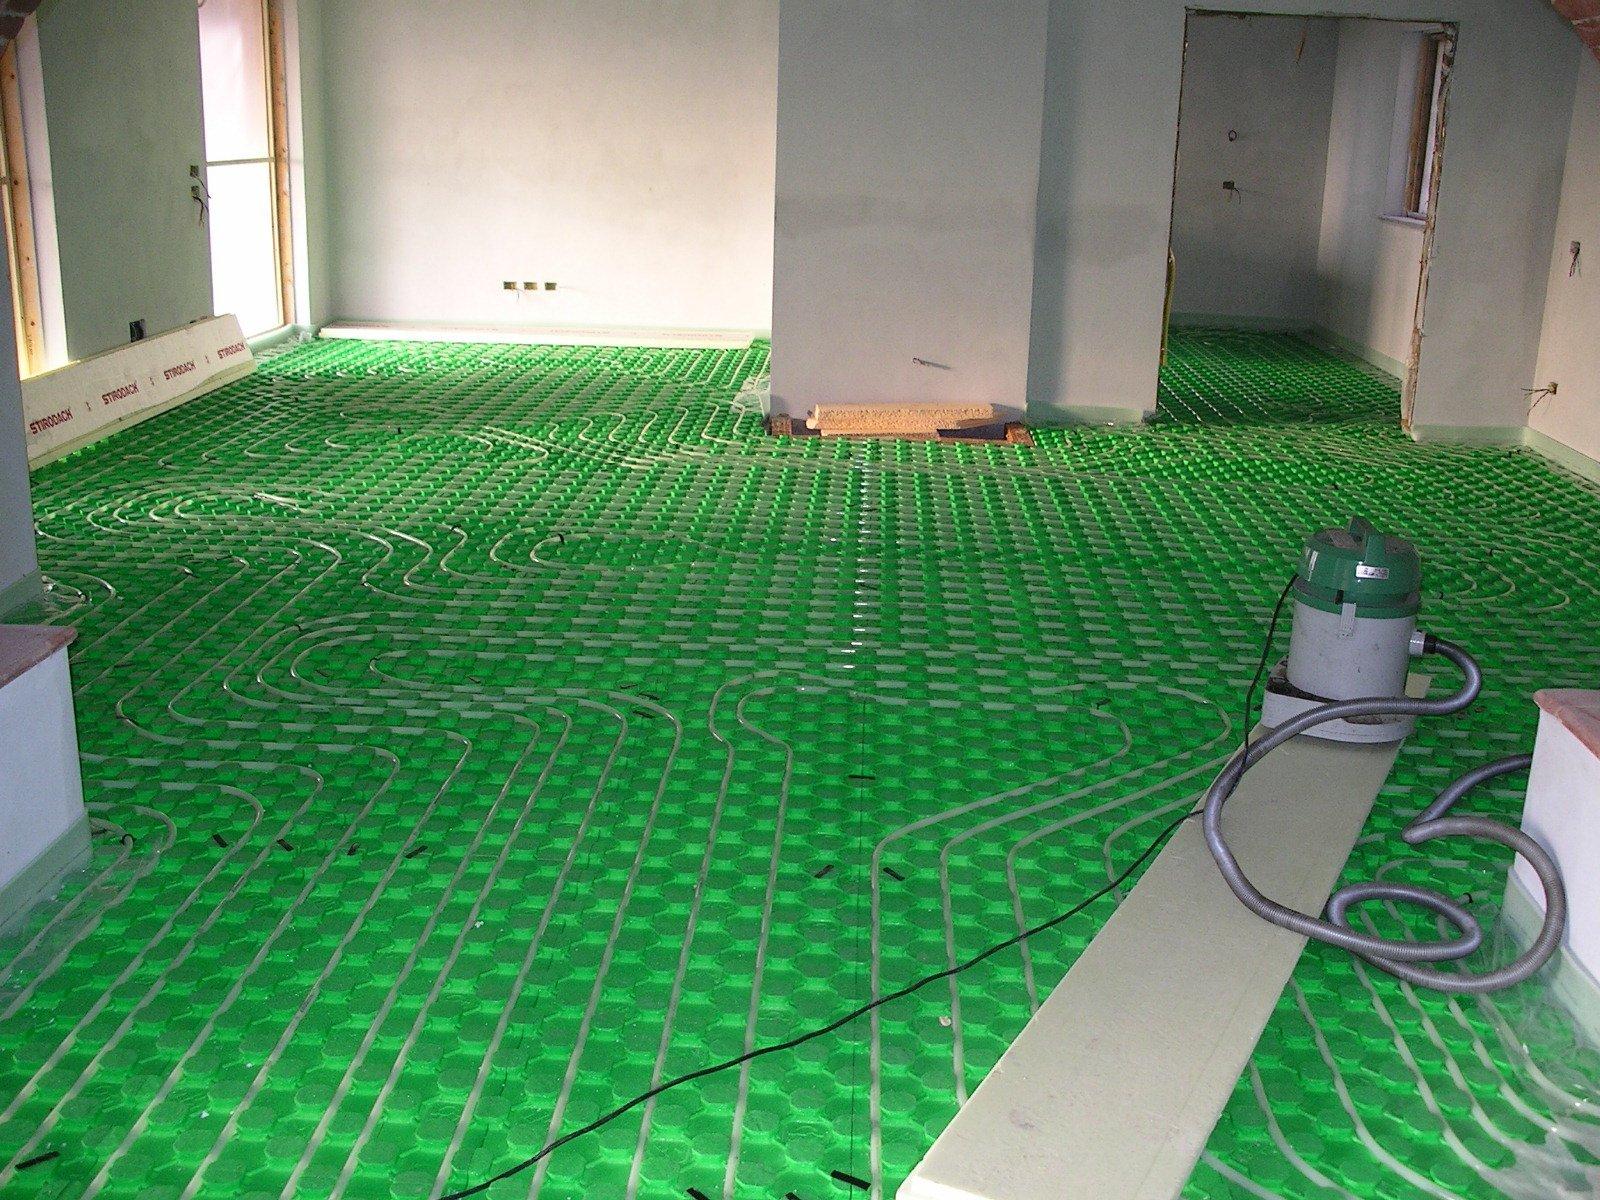 un impianto di riscaldamento a pavimento